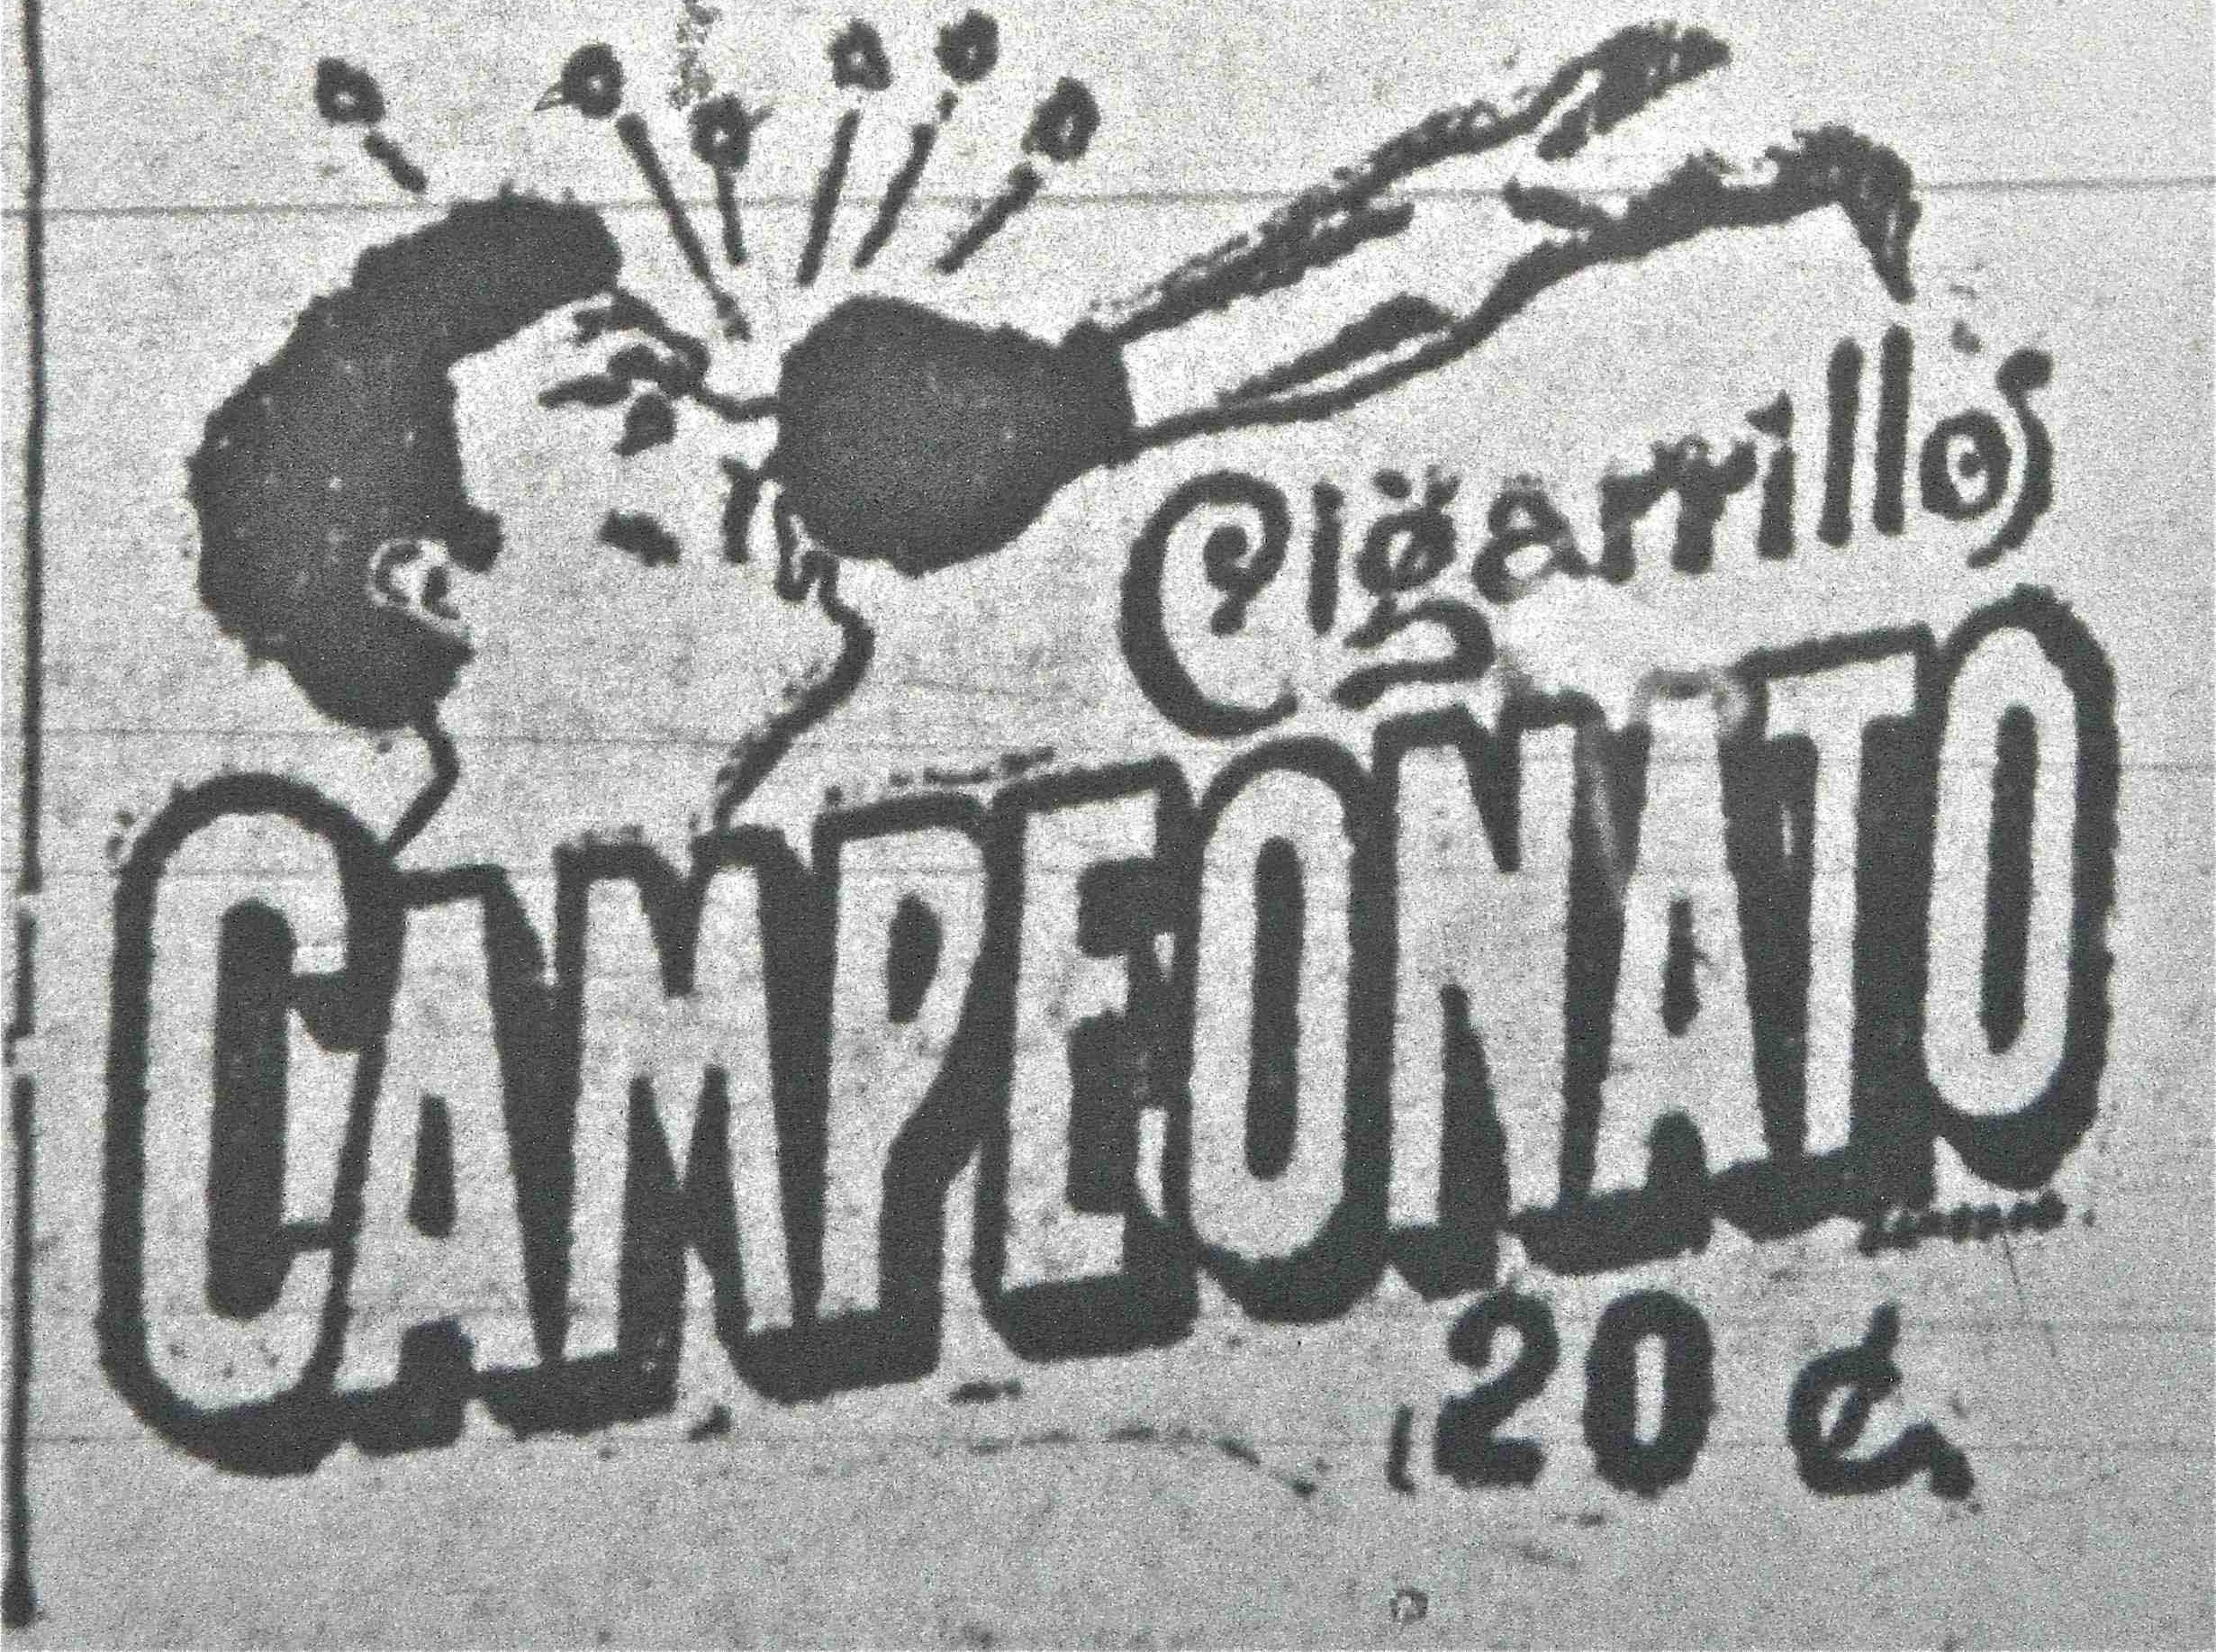 1923-03-19_ElMercurio.Stgo_ 4.jpg